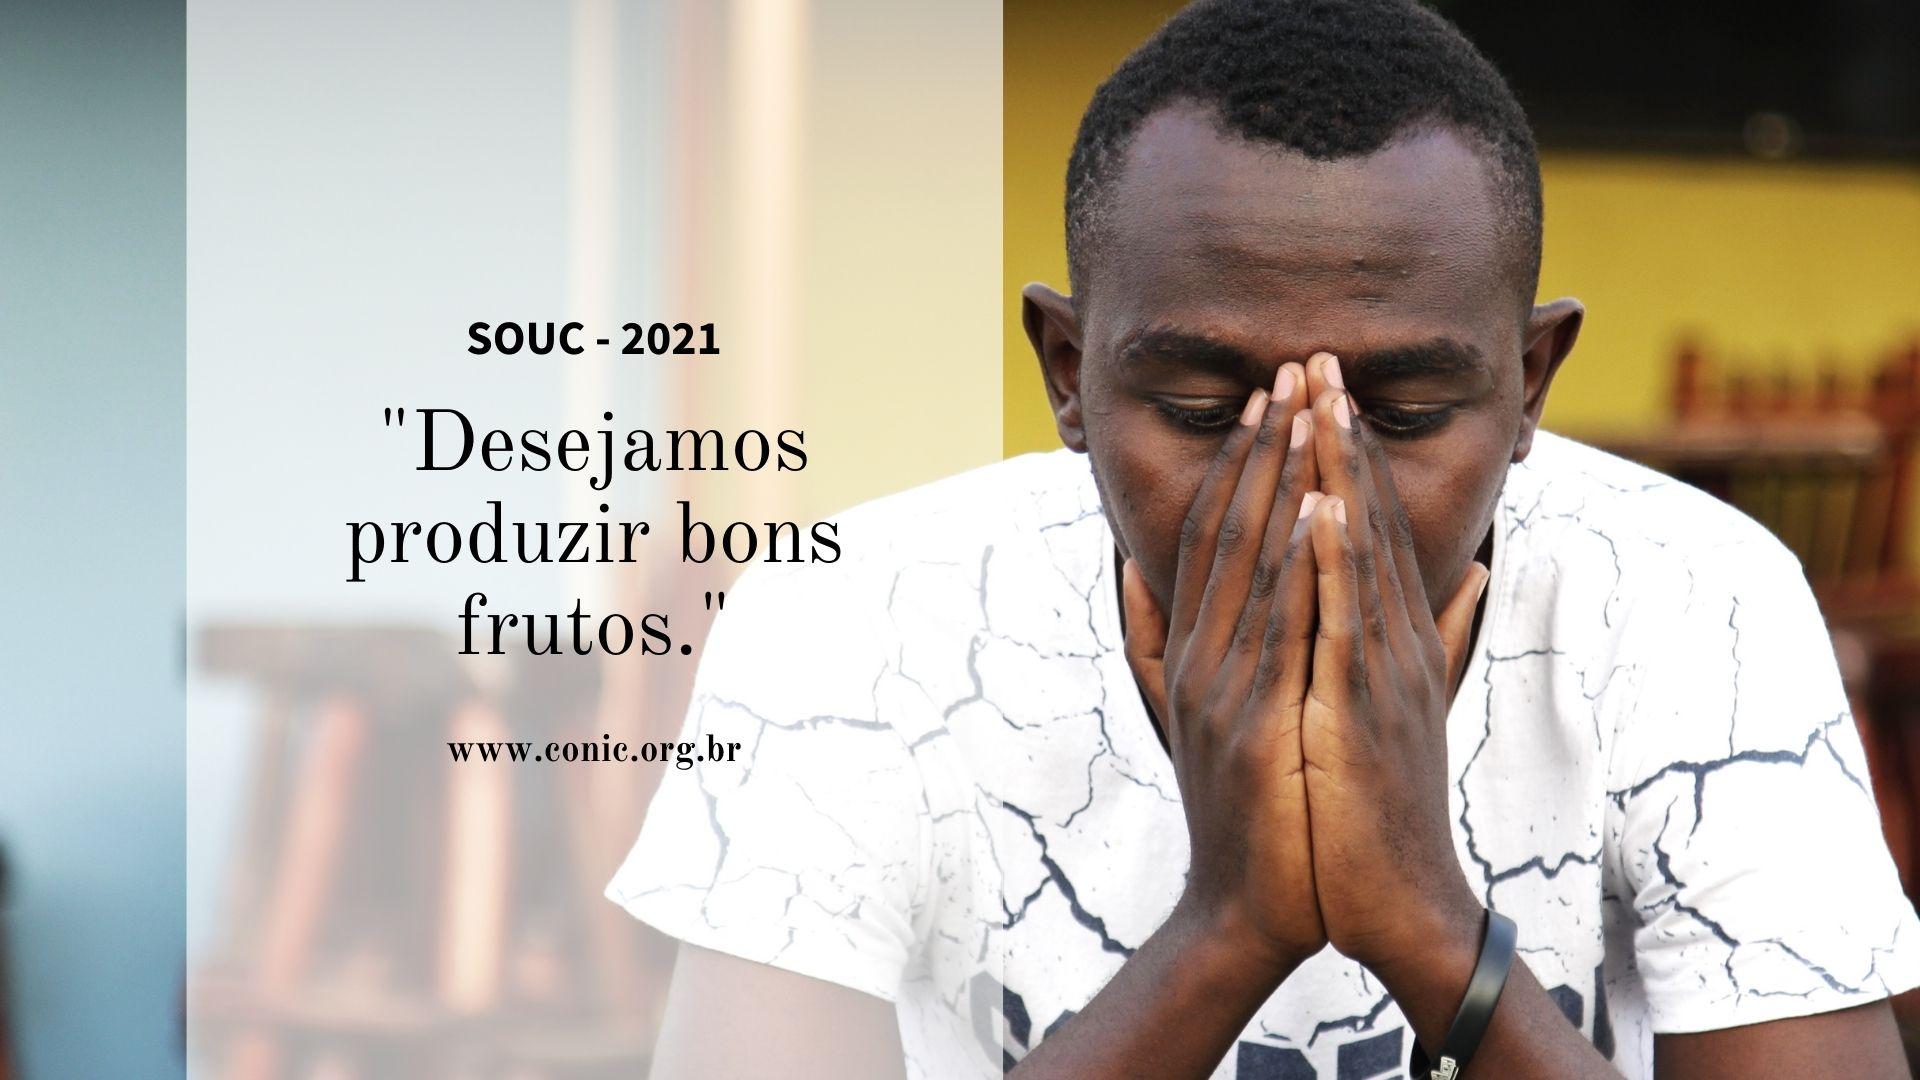 Conheça a oração oficial da SOUC 2021